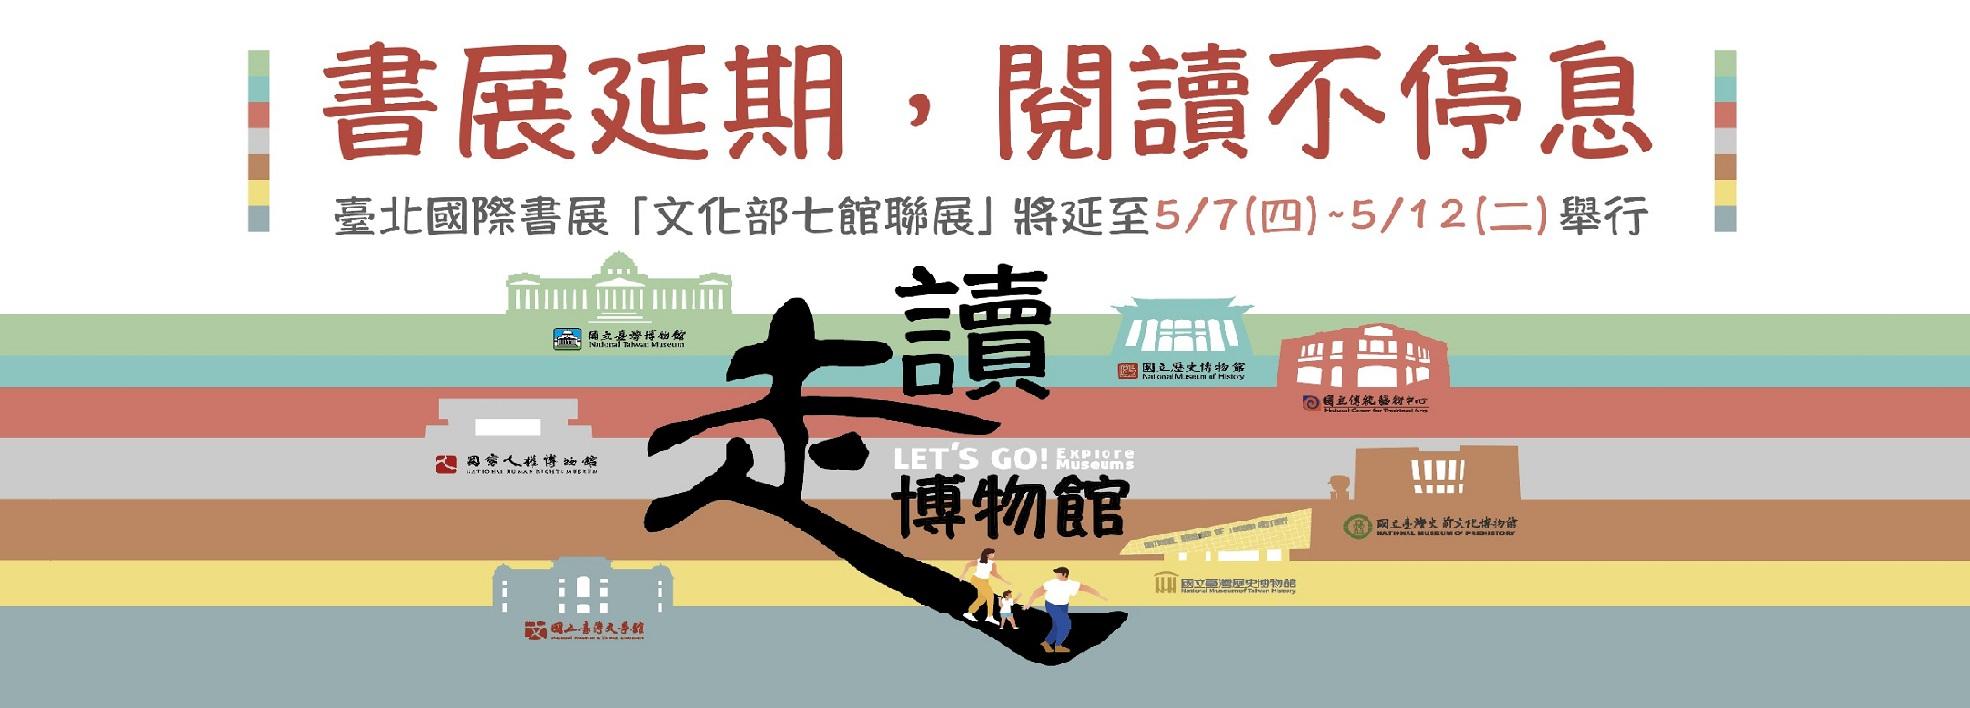 2020臺北國際書展延期告示